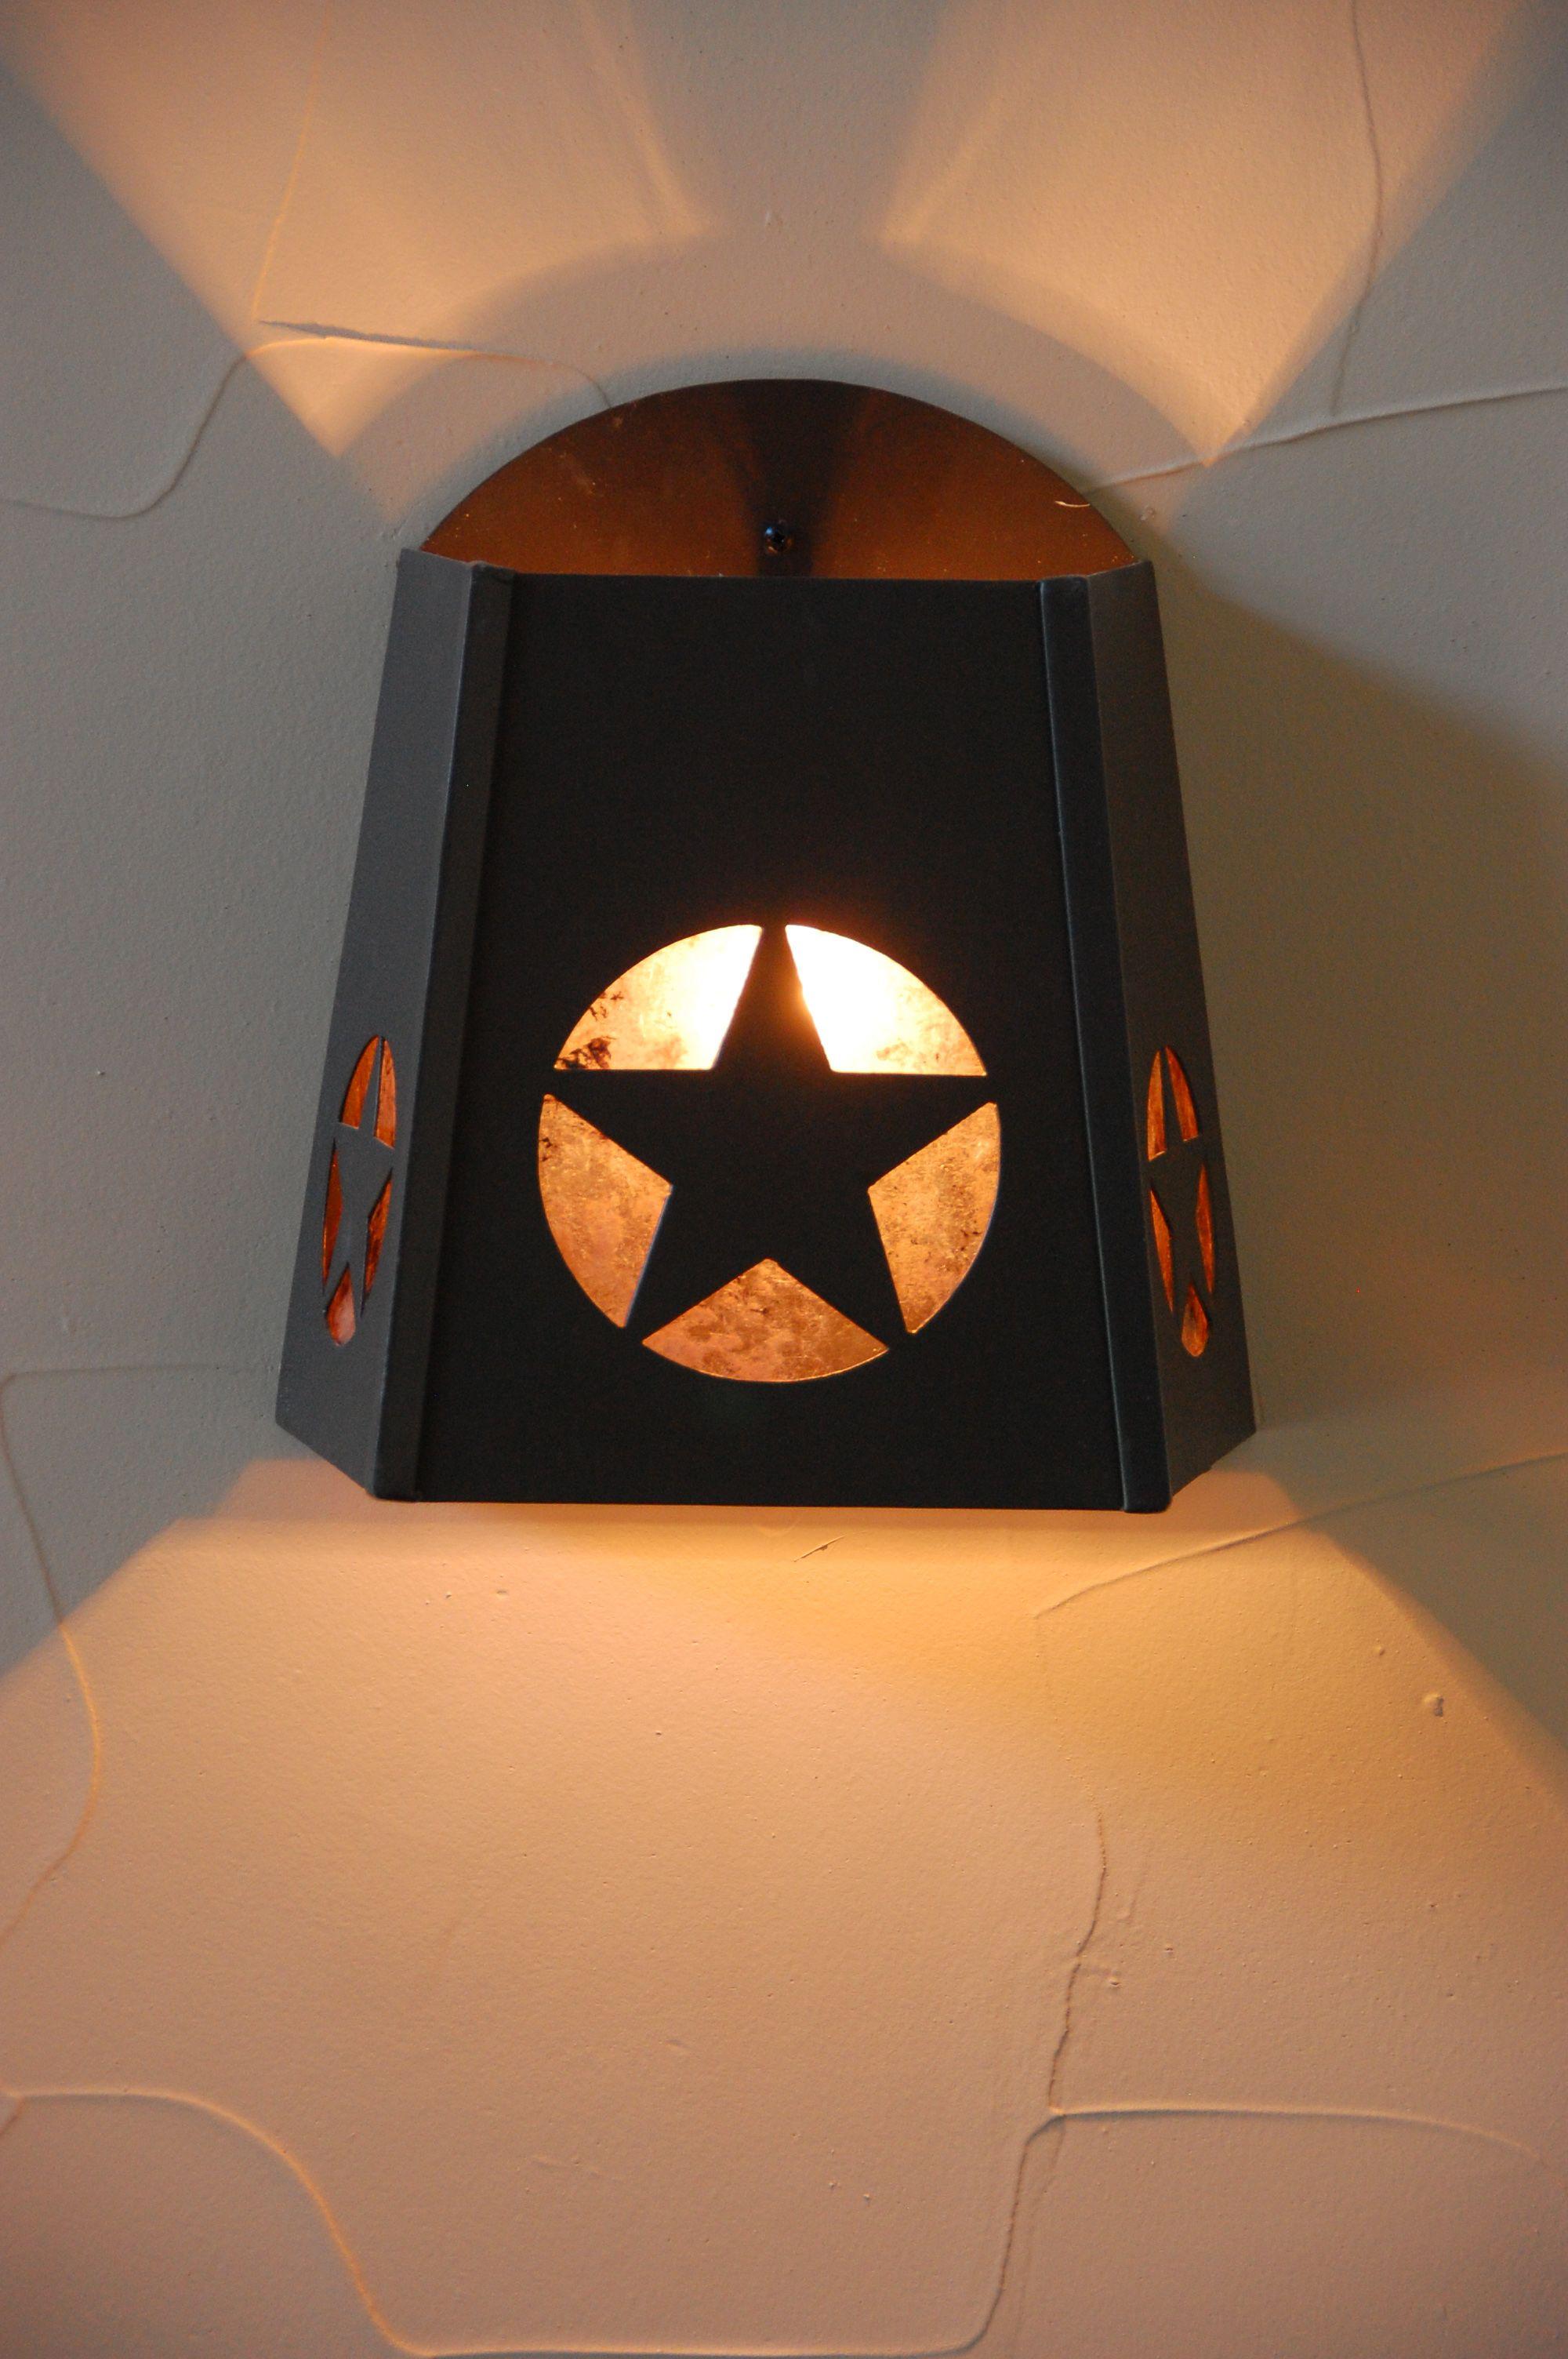 Texas star light, star light, sconce, texas sconce | Texas ...